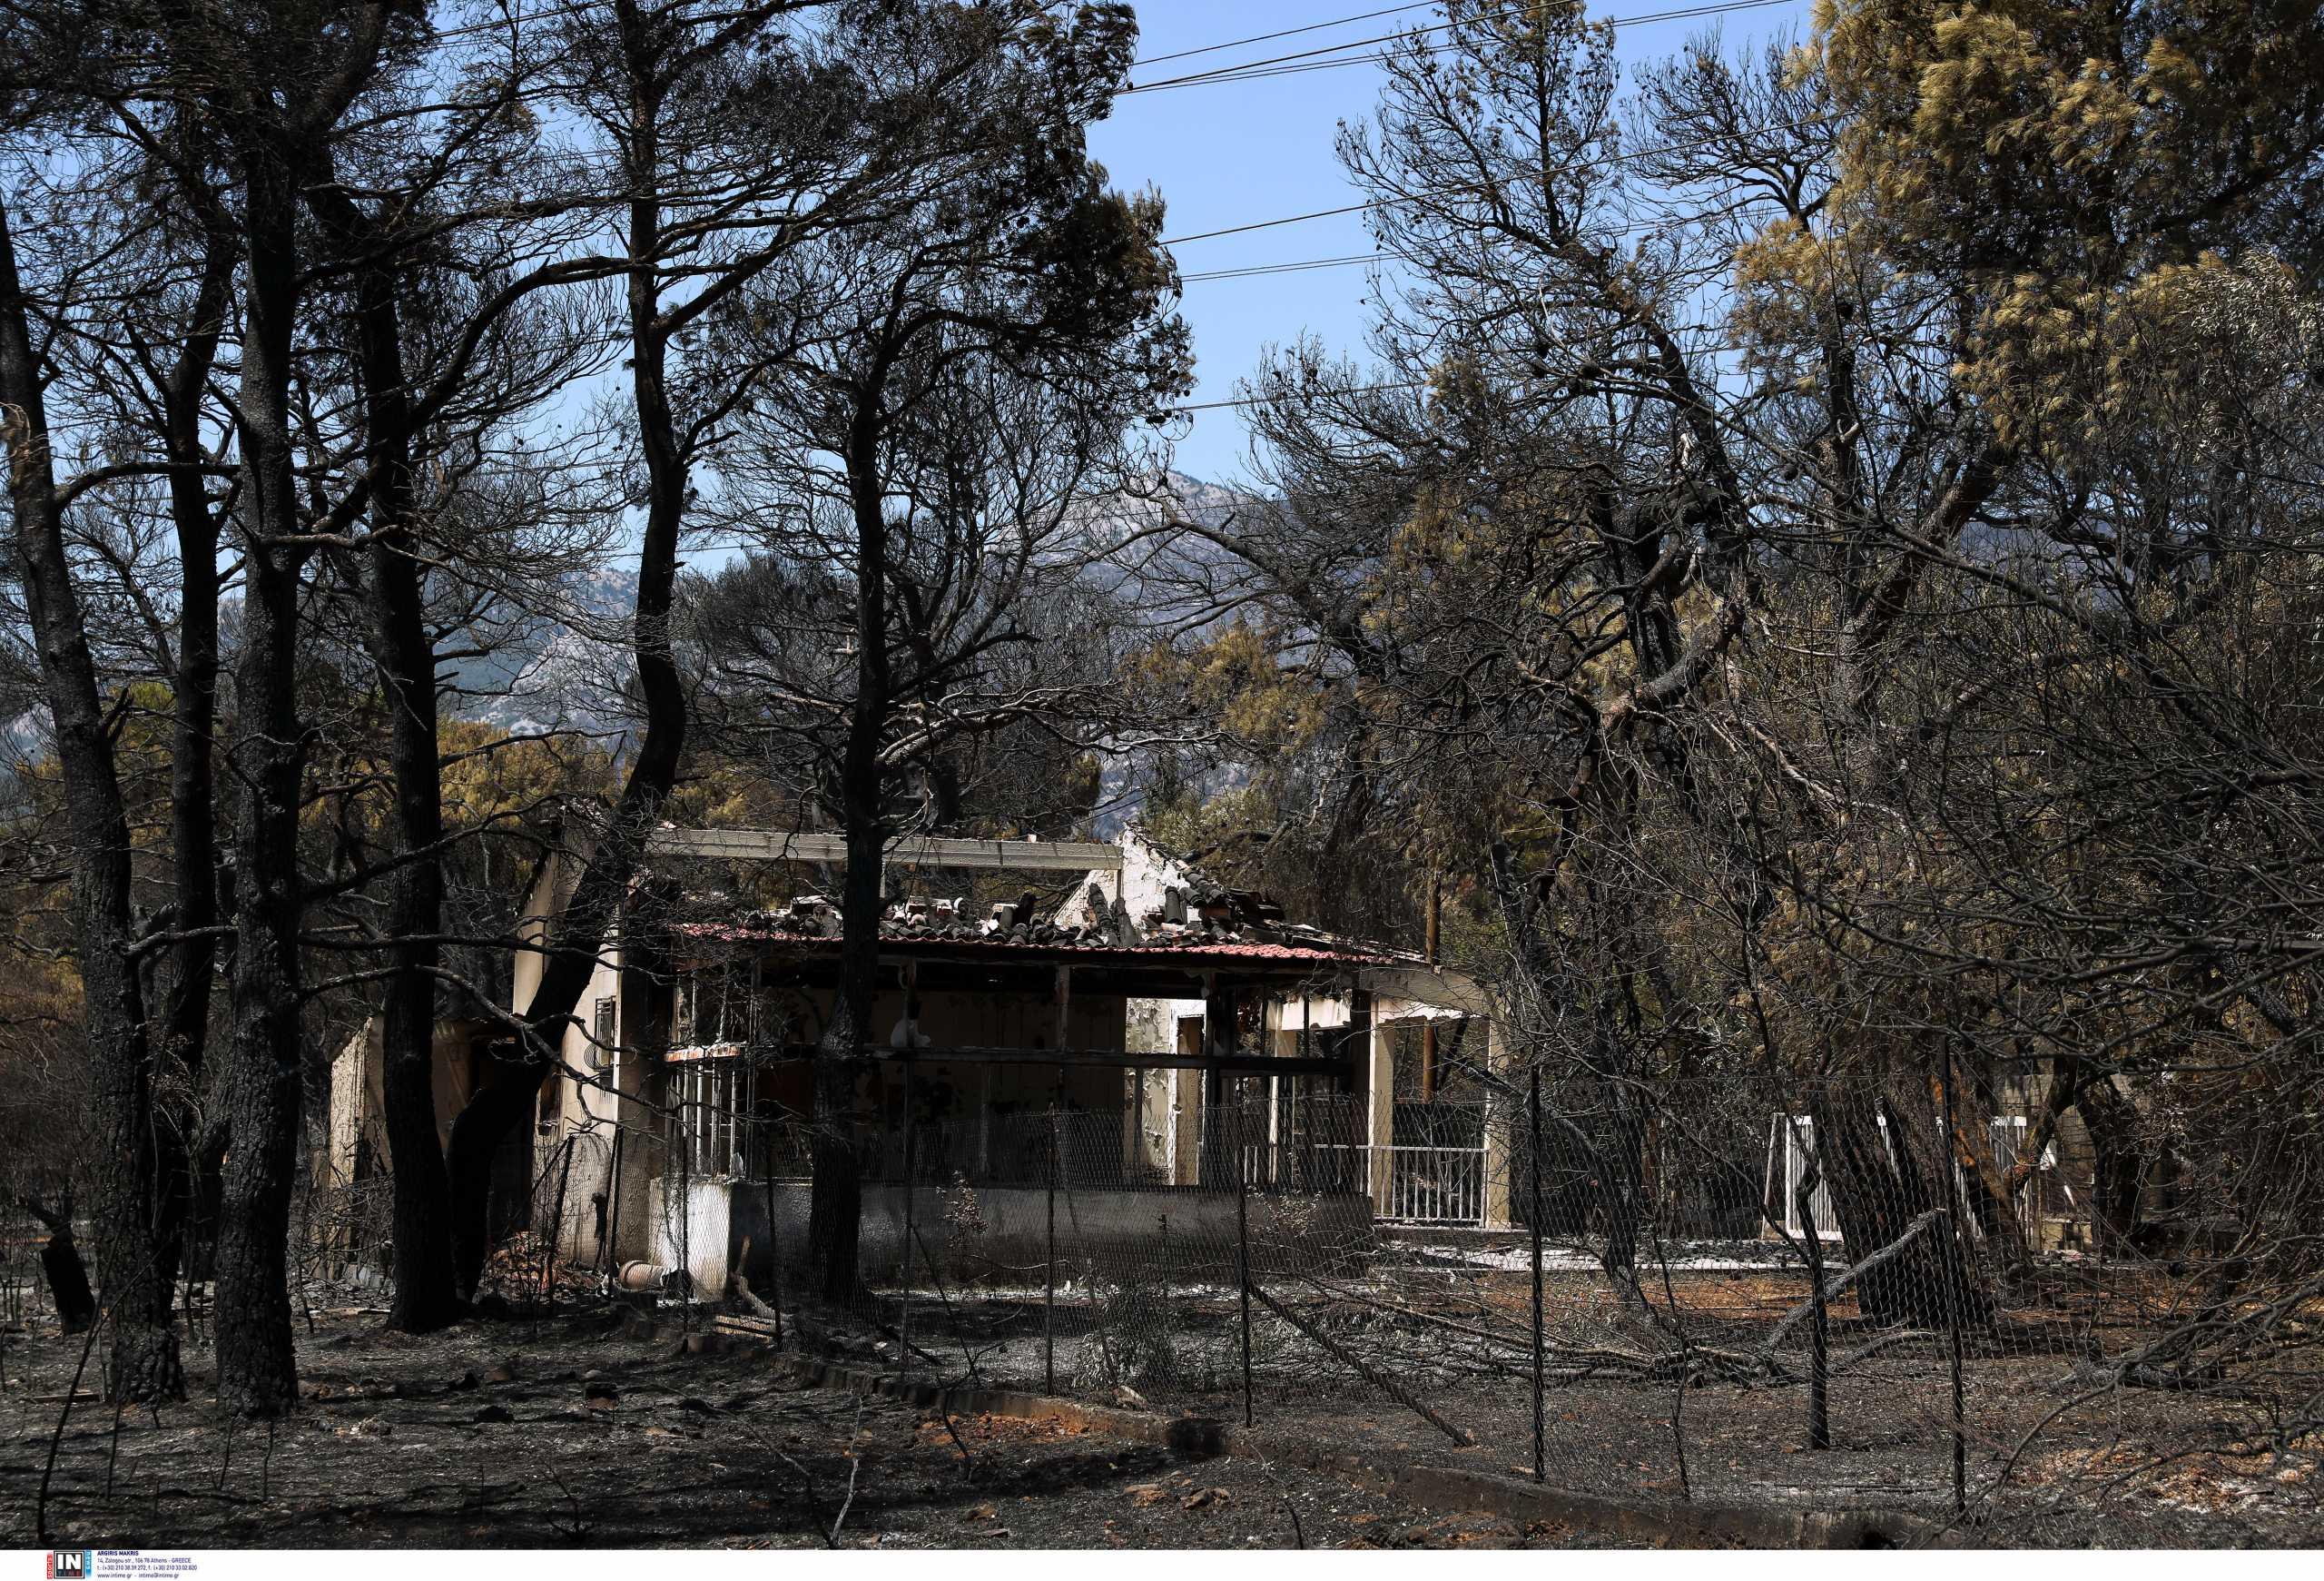 Φωτιές: Η Περιφέρεια Αττικής ξεκίνησε την καταγραφή των ζημιών σε επιχειρήσεις